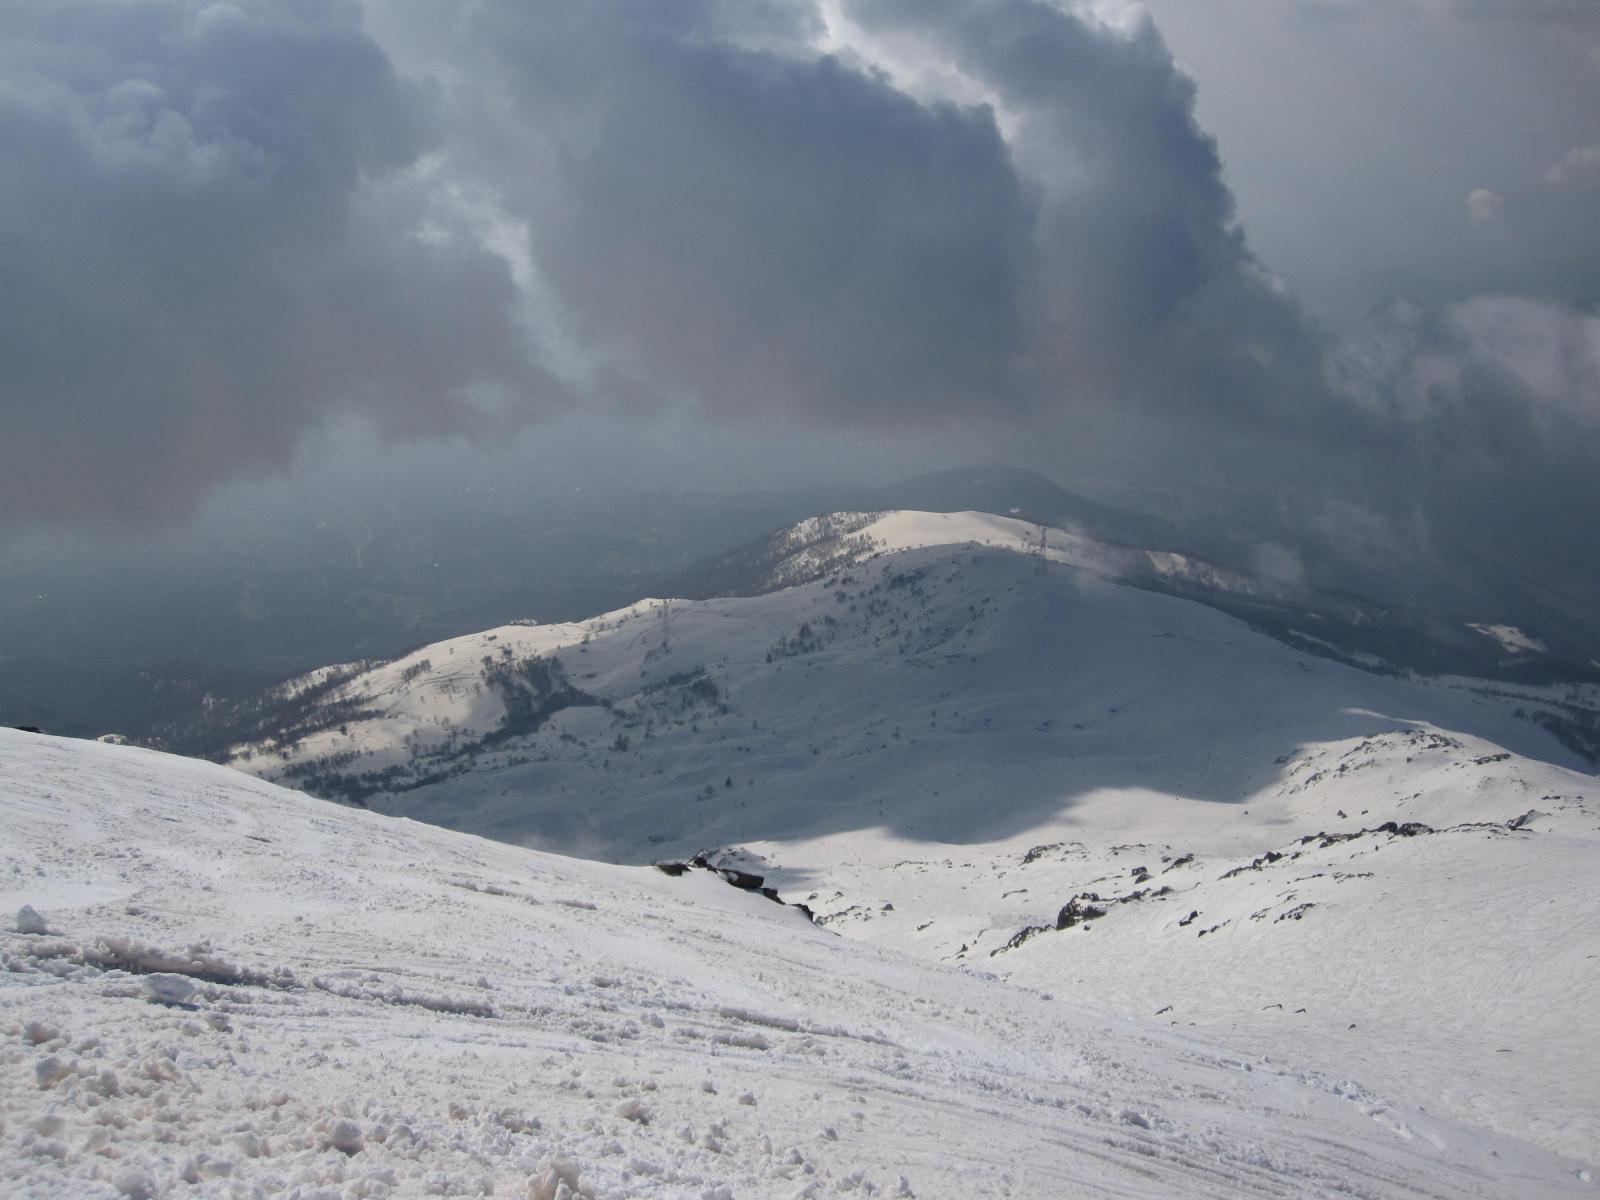 parziale copertura nuvolosa